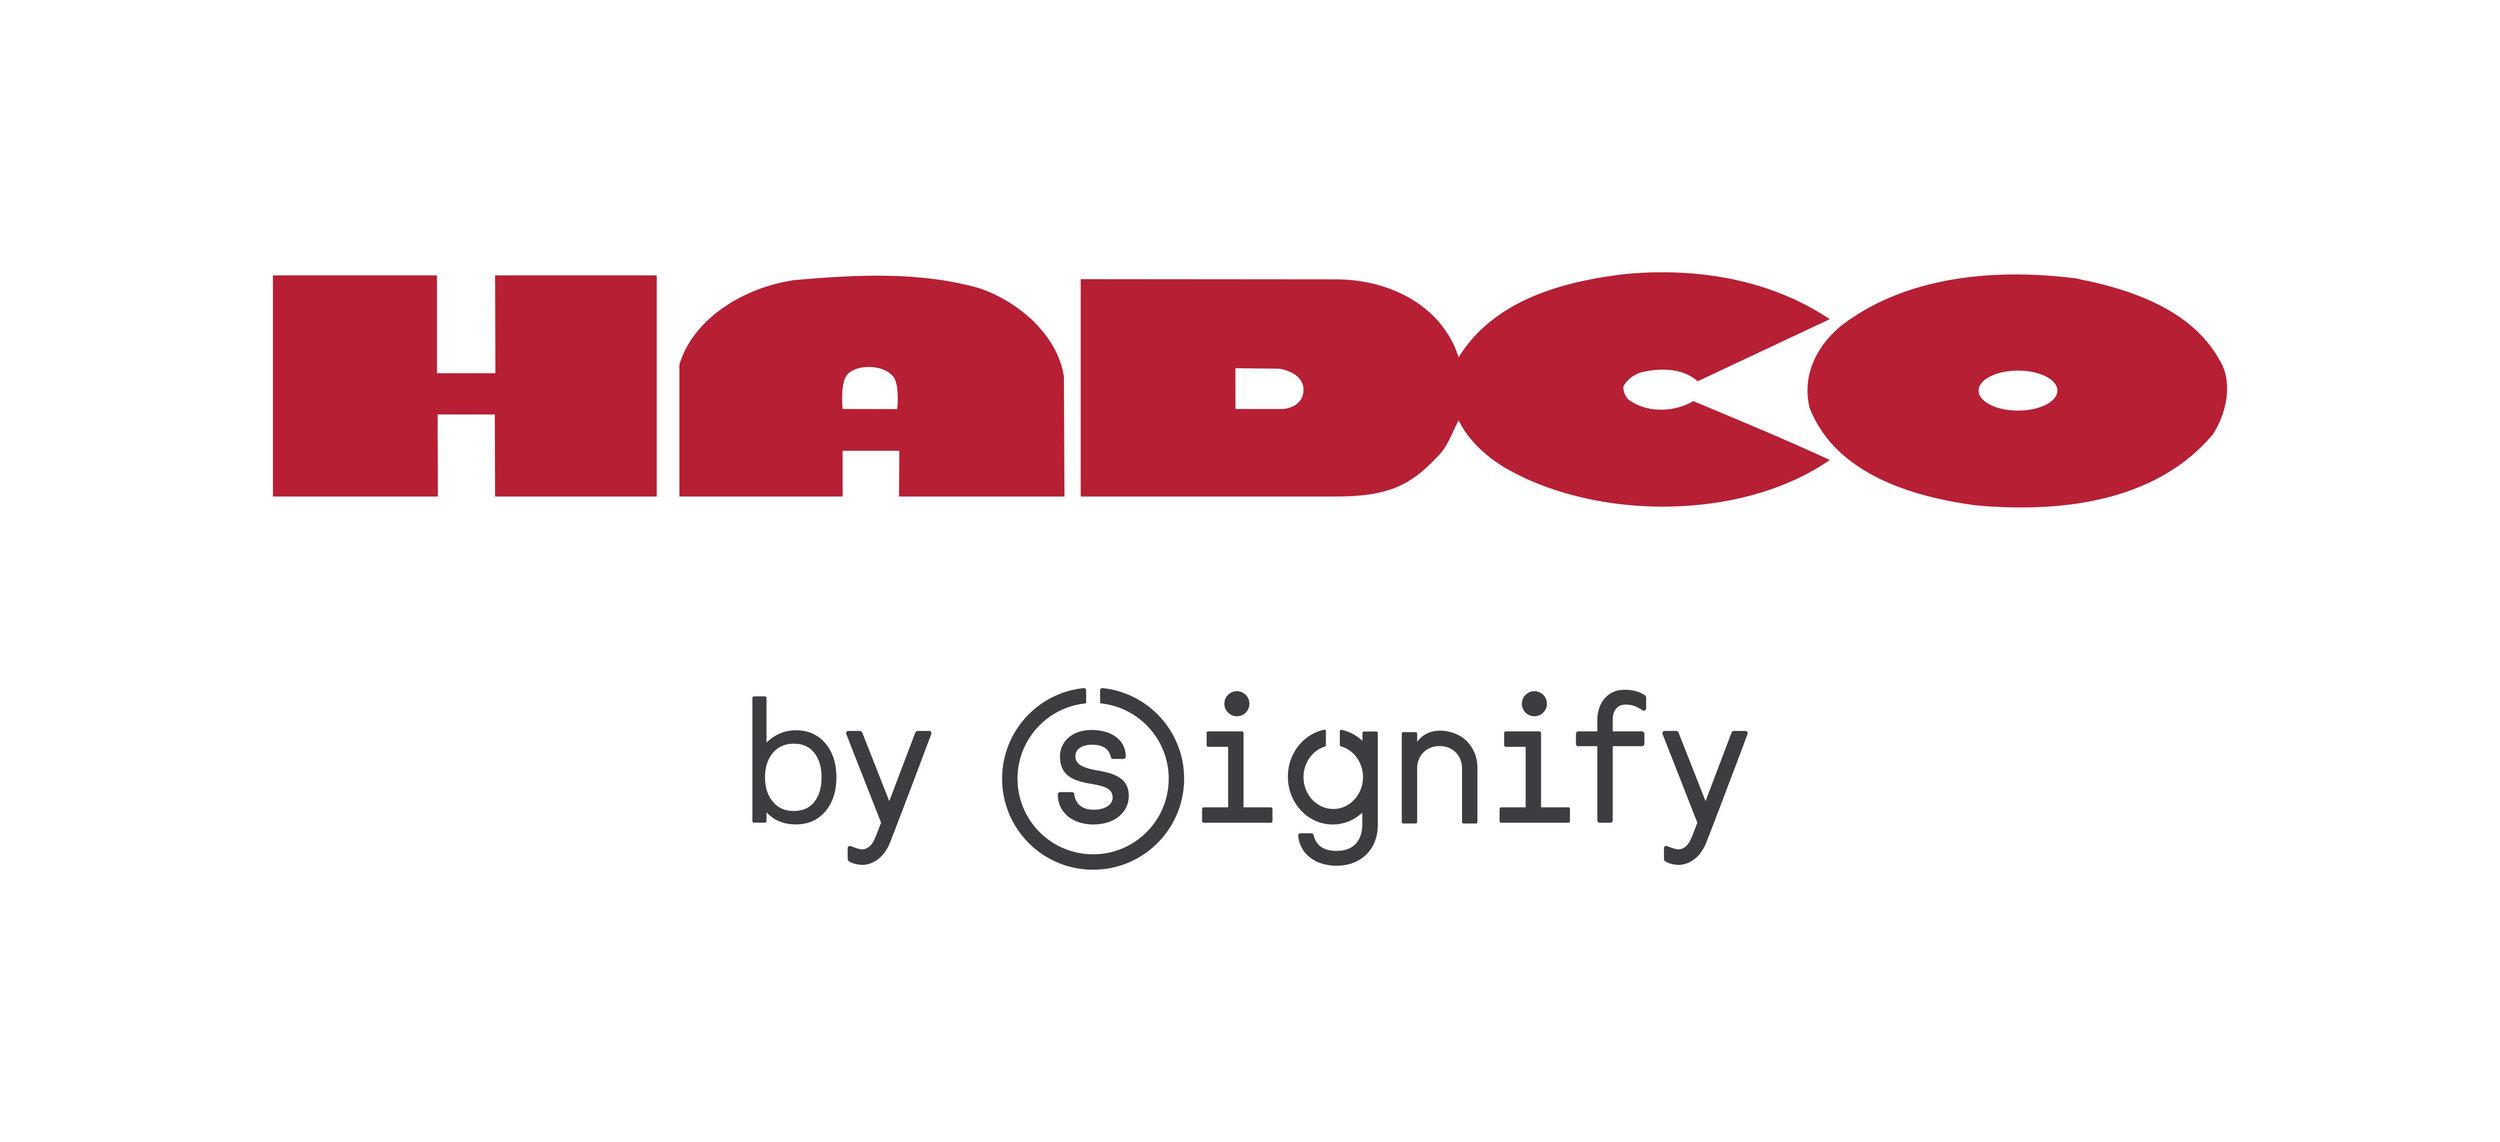 SIG_END_HADCO_RGB.jpg